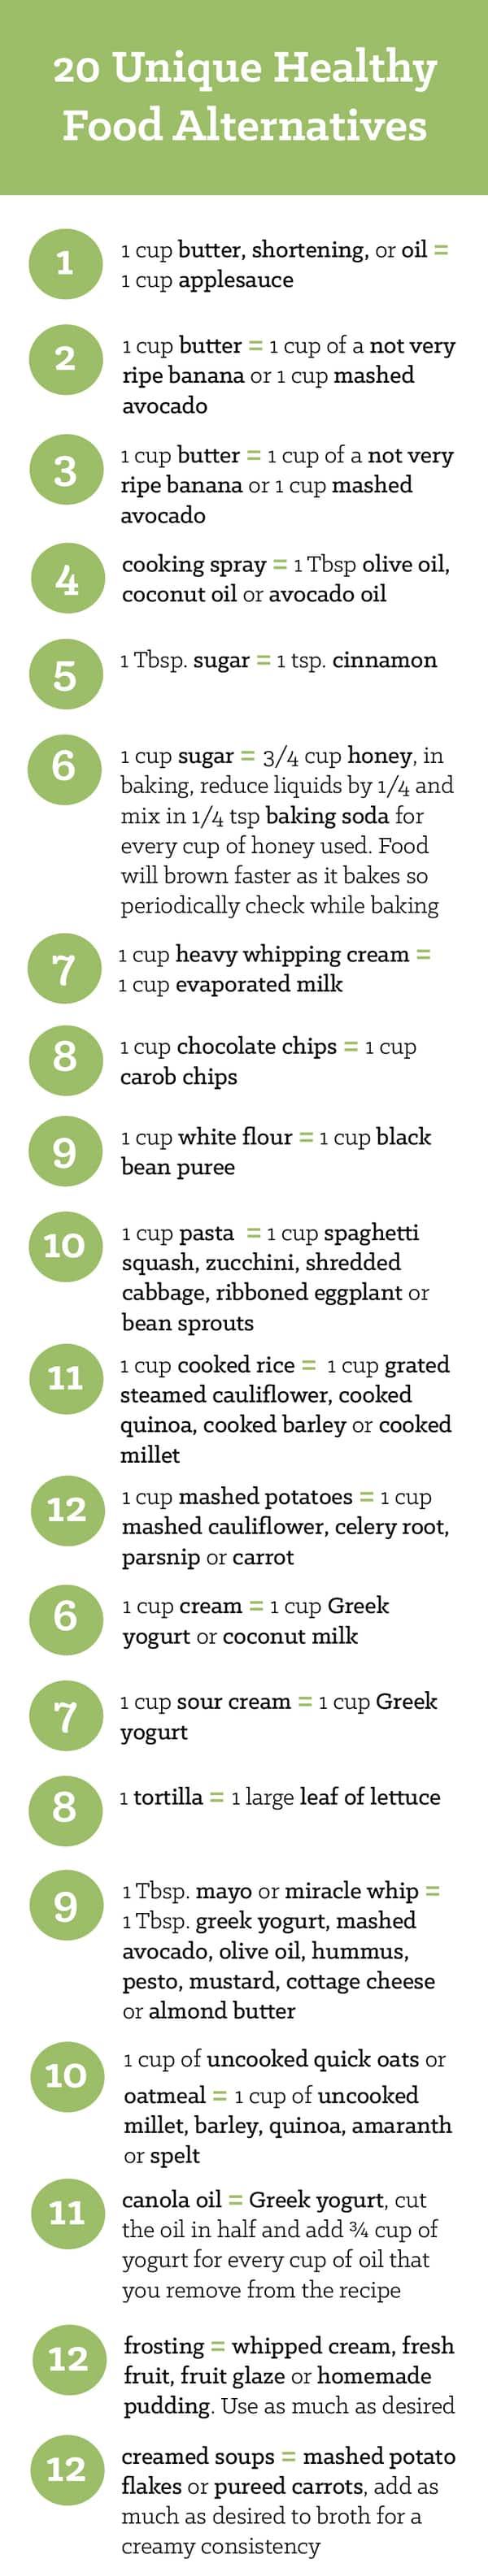 20 Unique Ingredient Alternatives